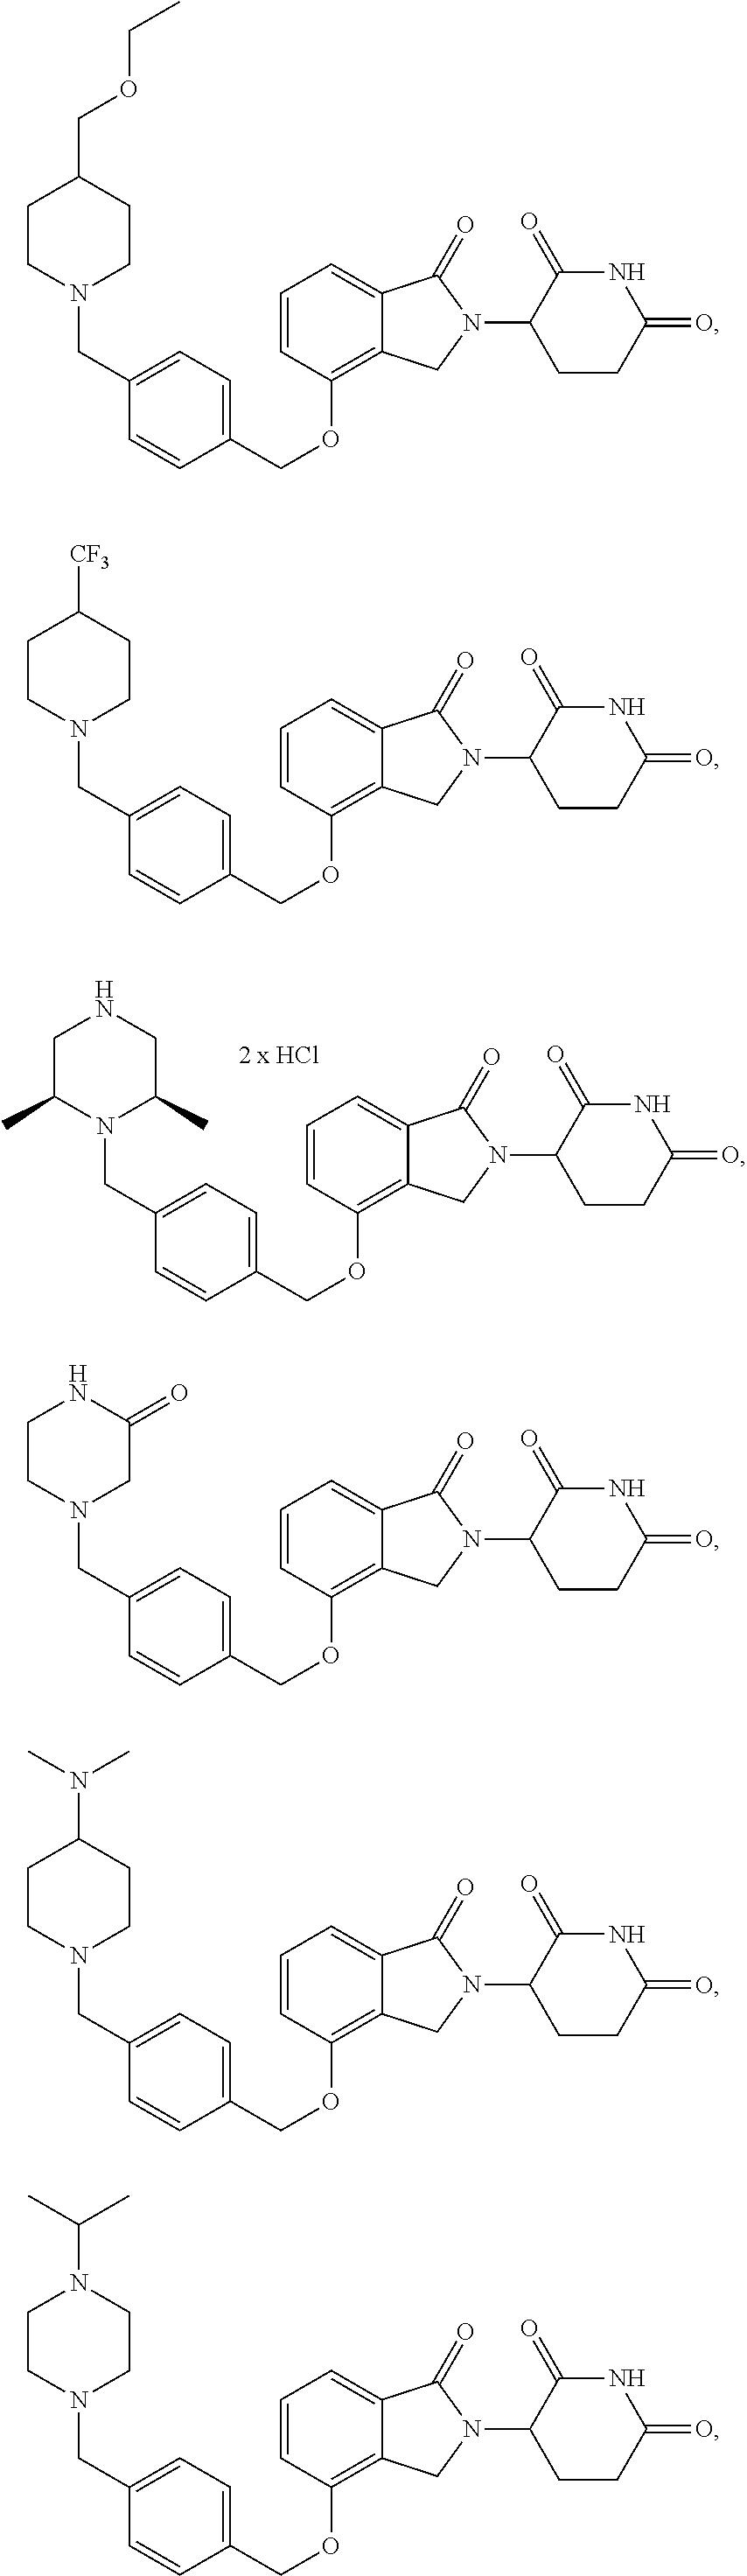 Figure US09587281-20170307-C00084